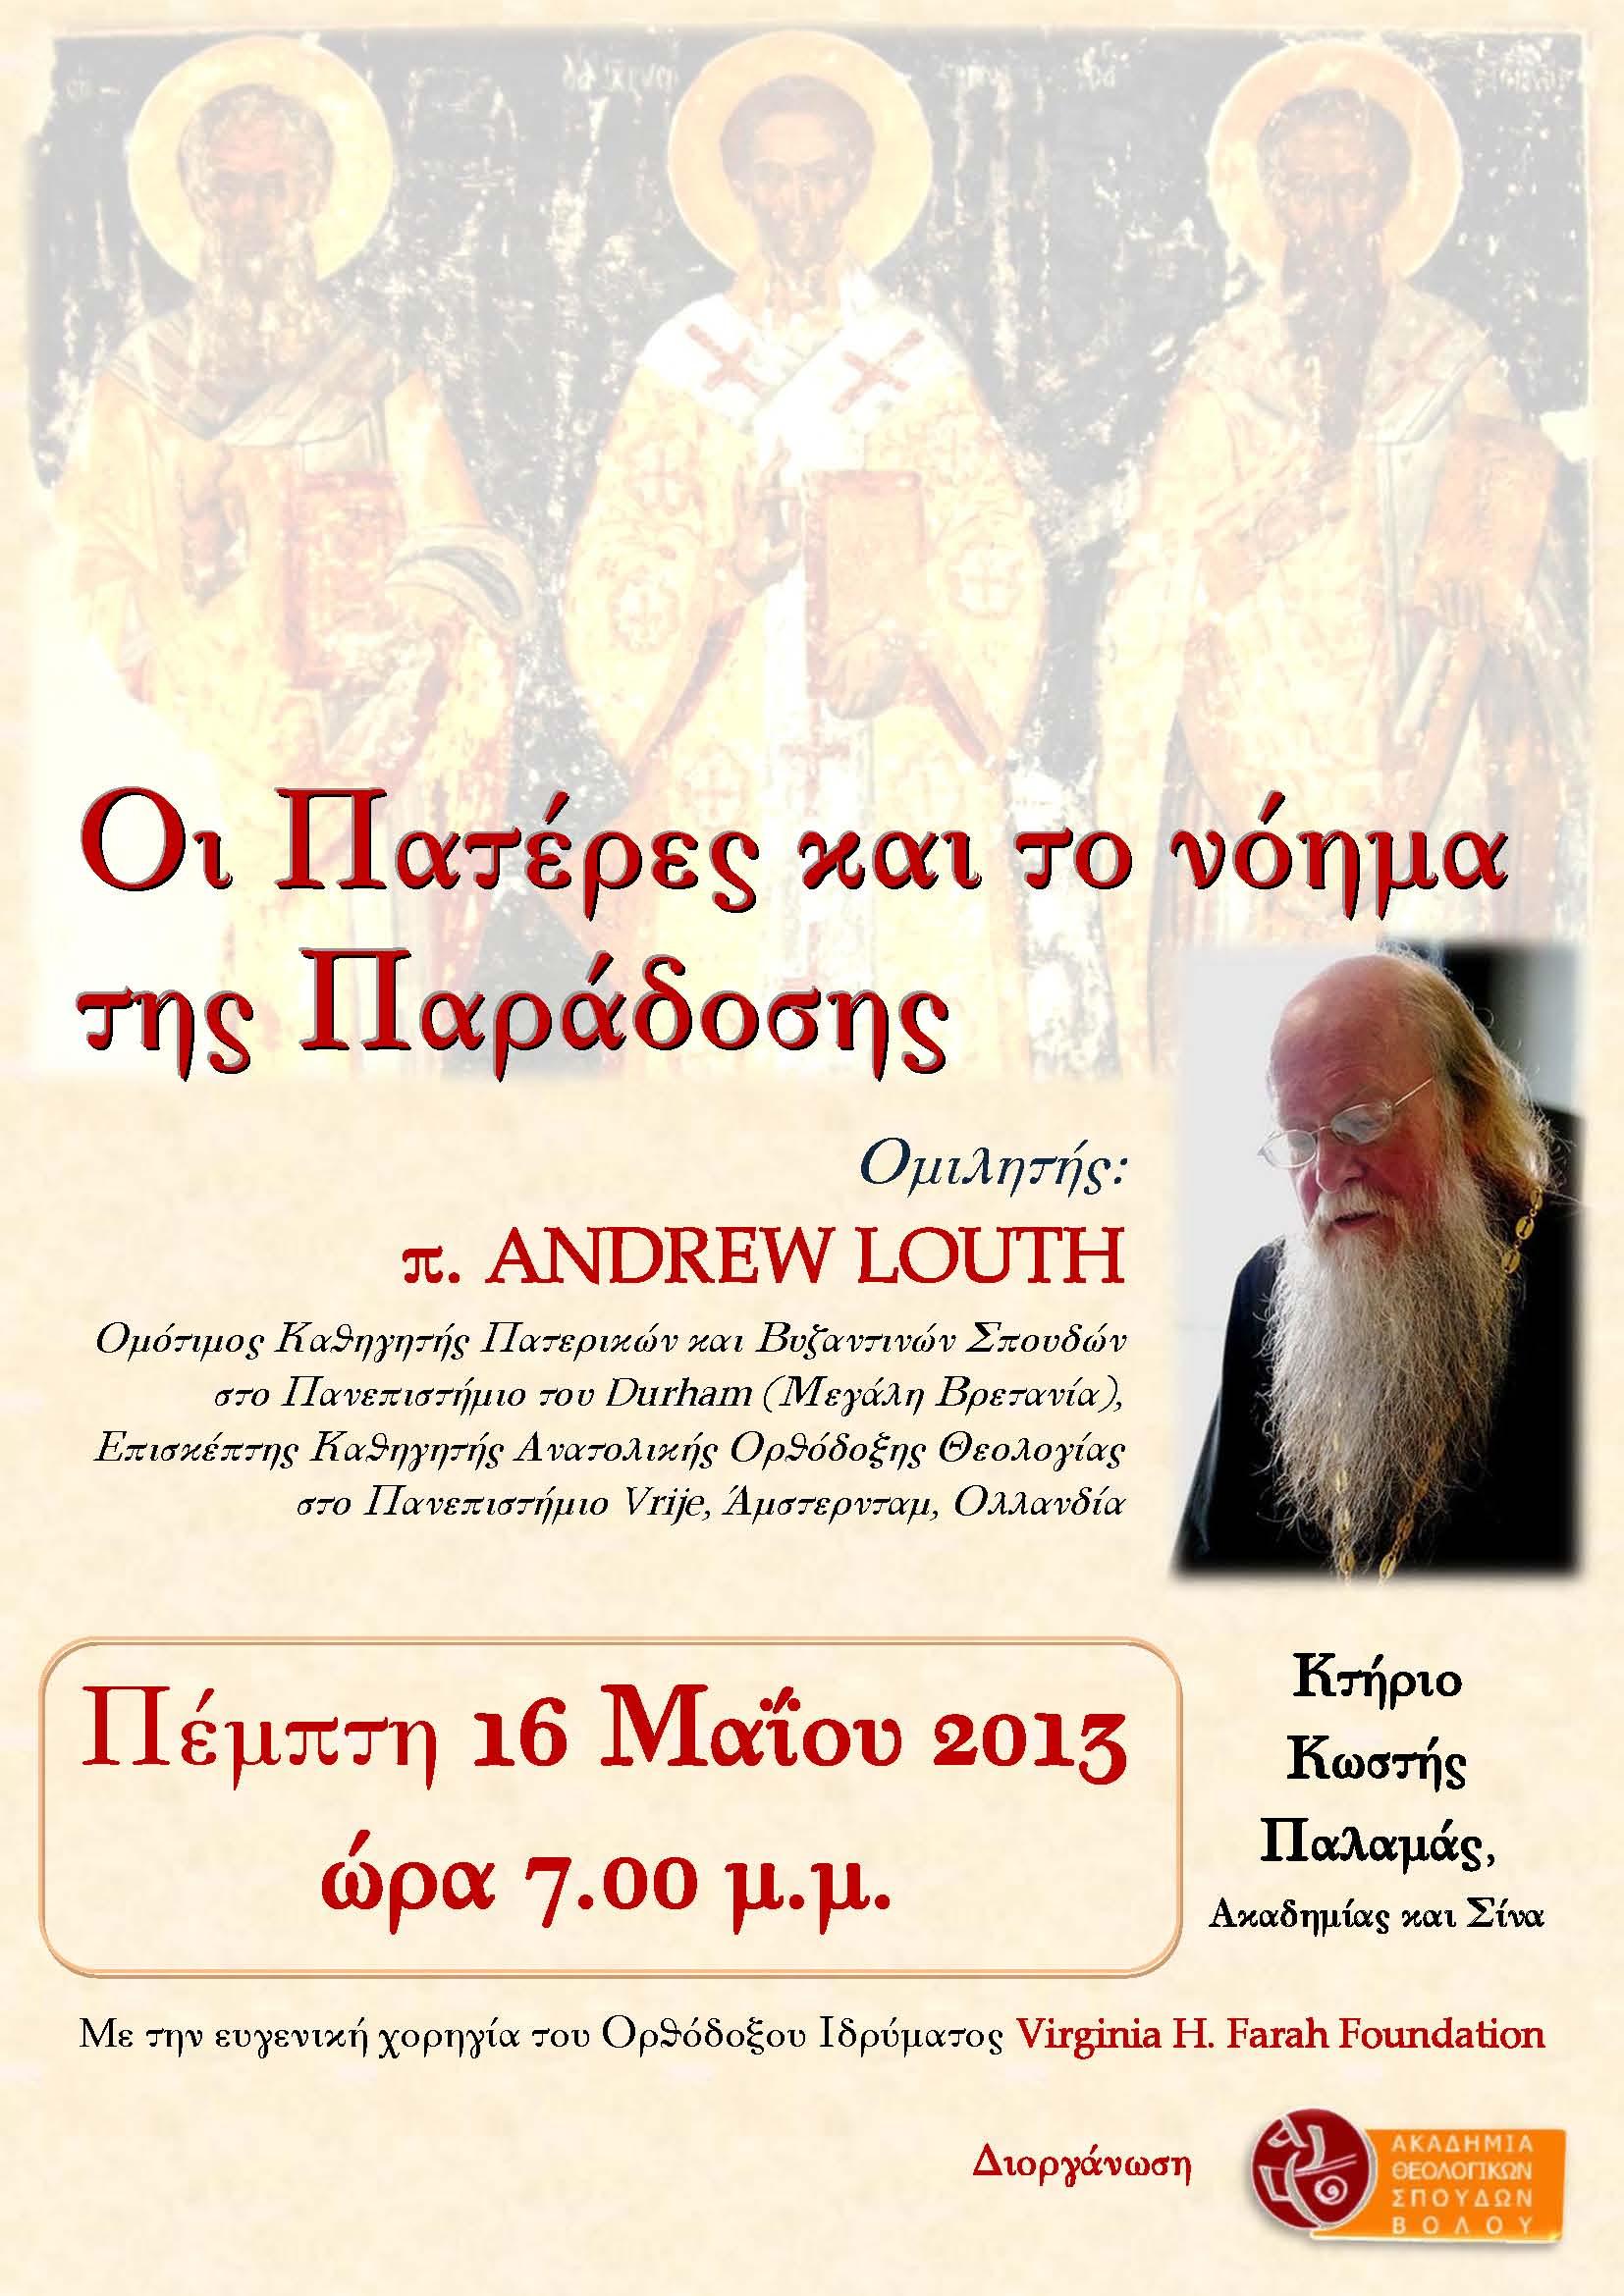 «Οι Πατέρες και η έννοια της Παράδοσης» - π. Andrew Louth - Ακαδημία Θεολογικών Σπουδών Βόλου